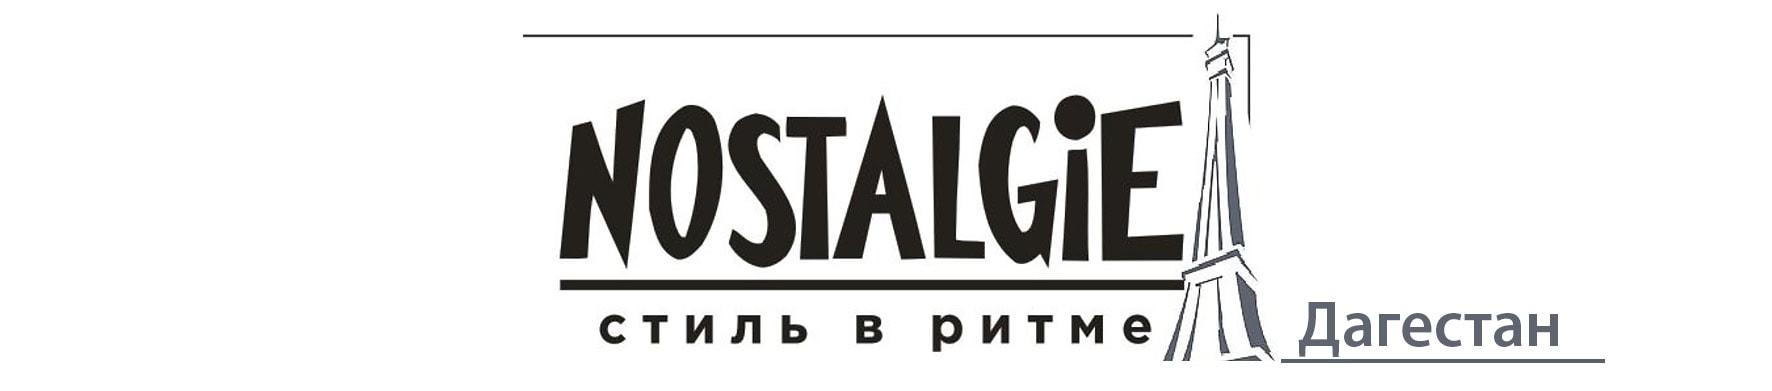 Реклама на радио в Дагестане nostalgie